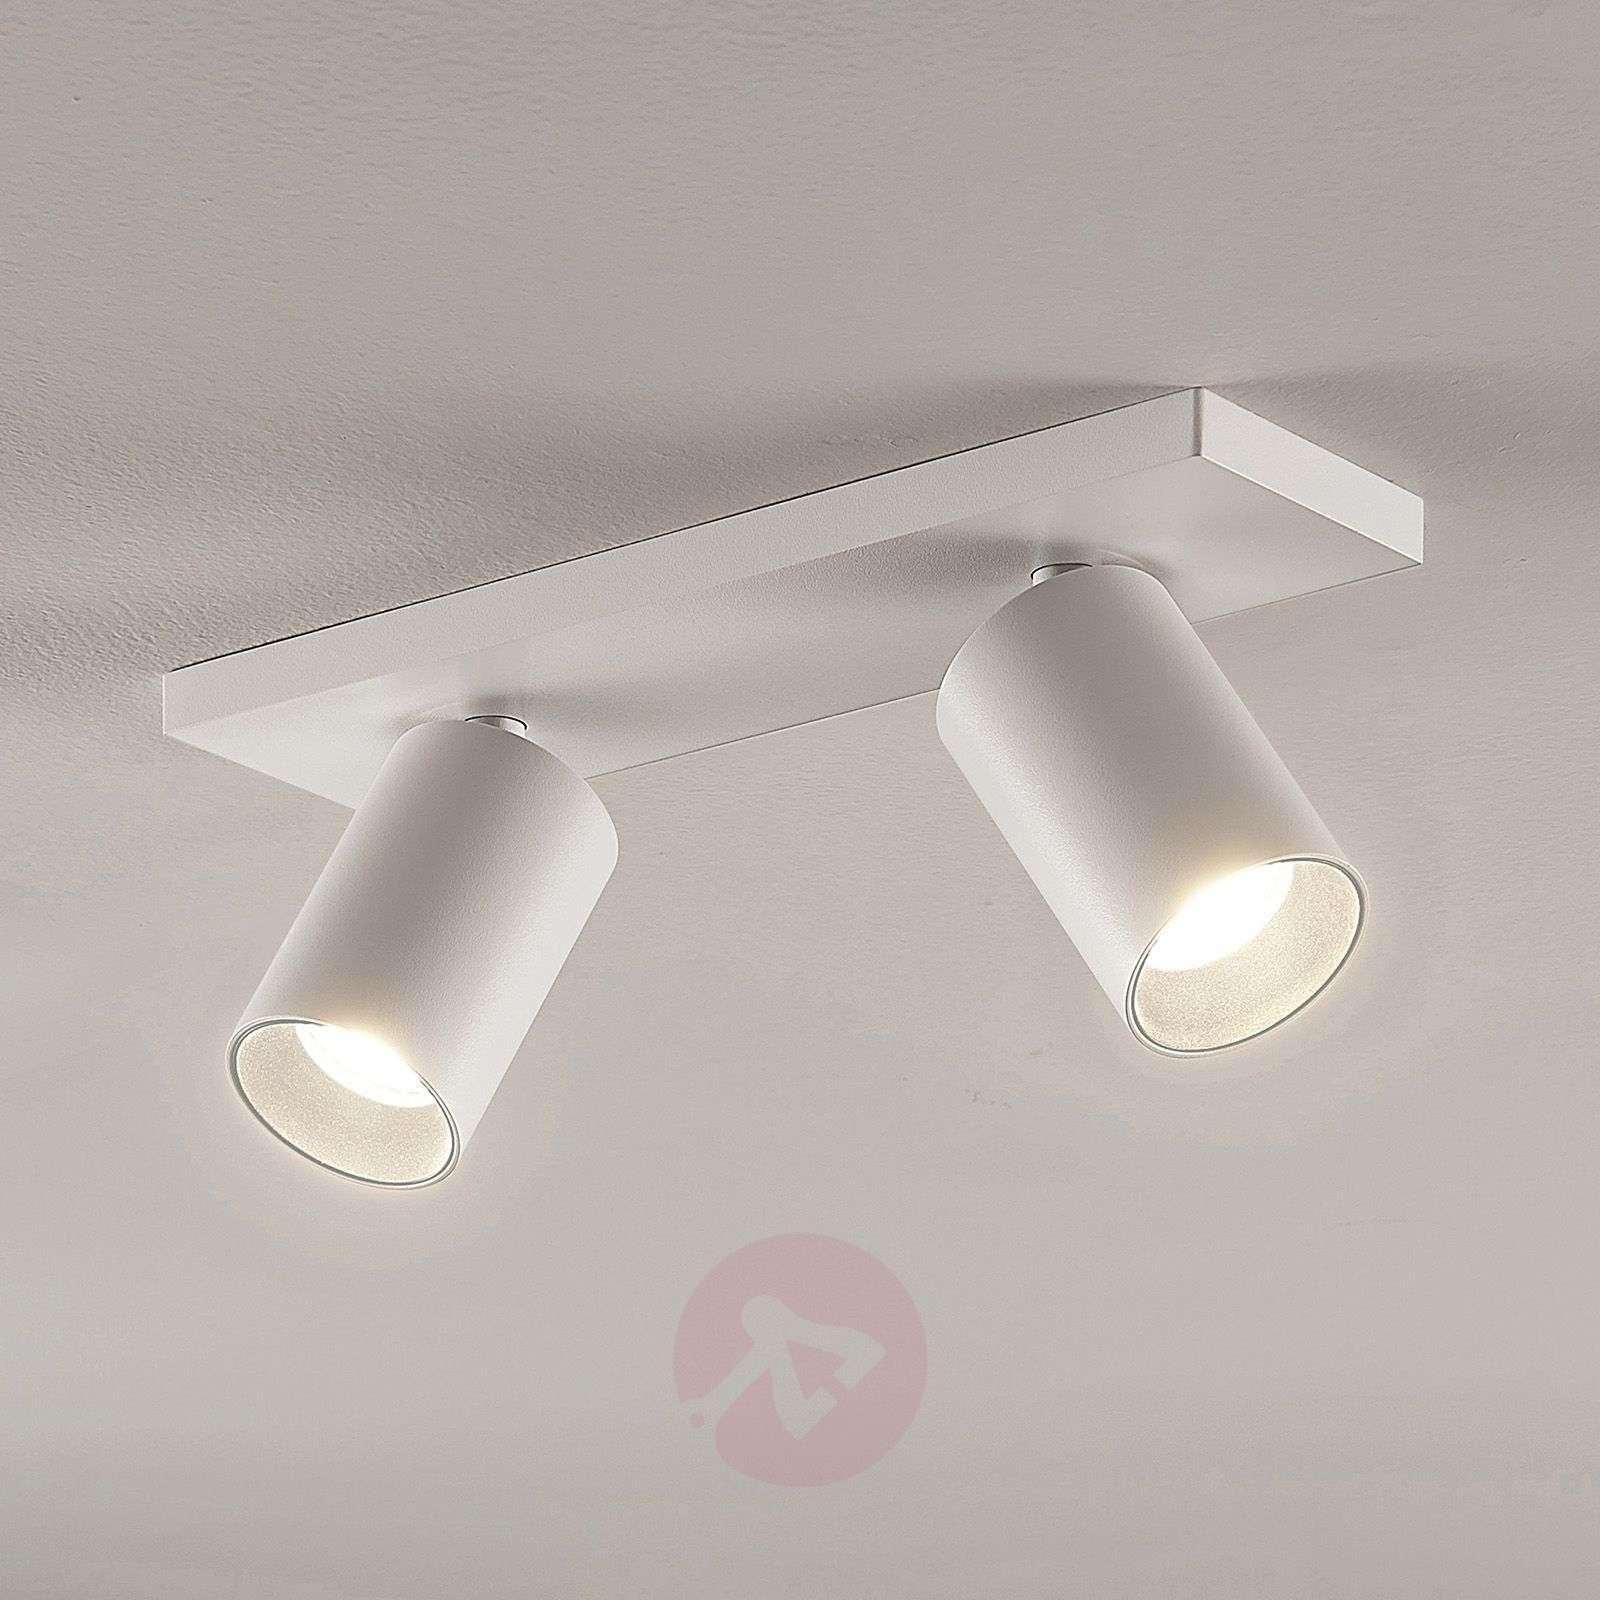 Kohdevalo Brinja GU10 valkoinen 2 lamppua-9928012-01